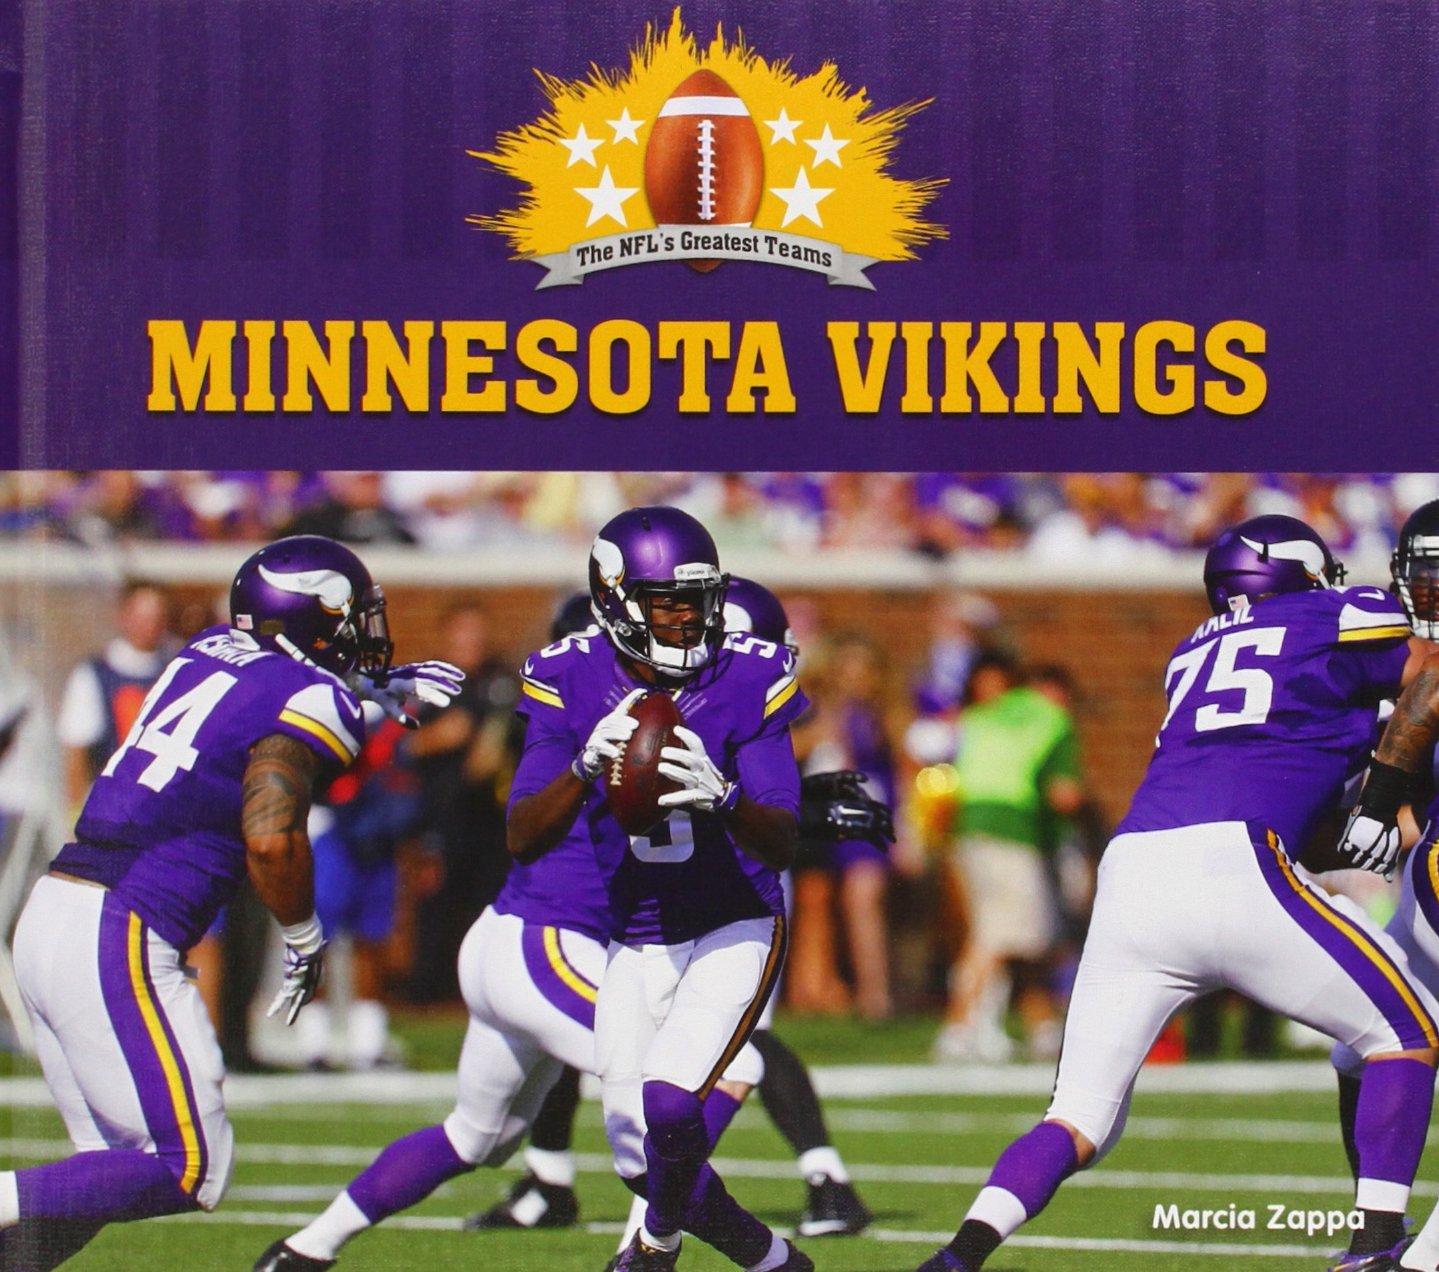 Minnesota Vikings (The NFL's Greatest Teams) PDF